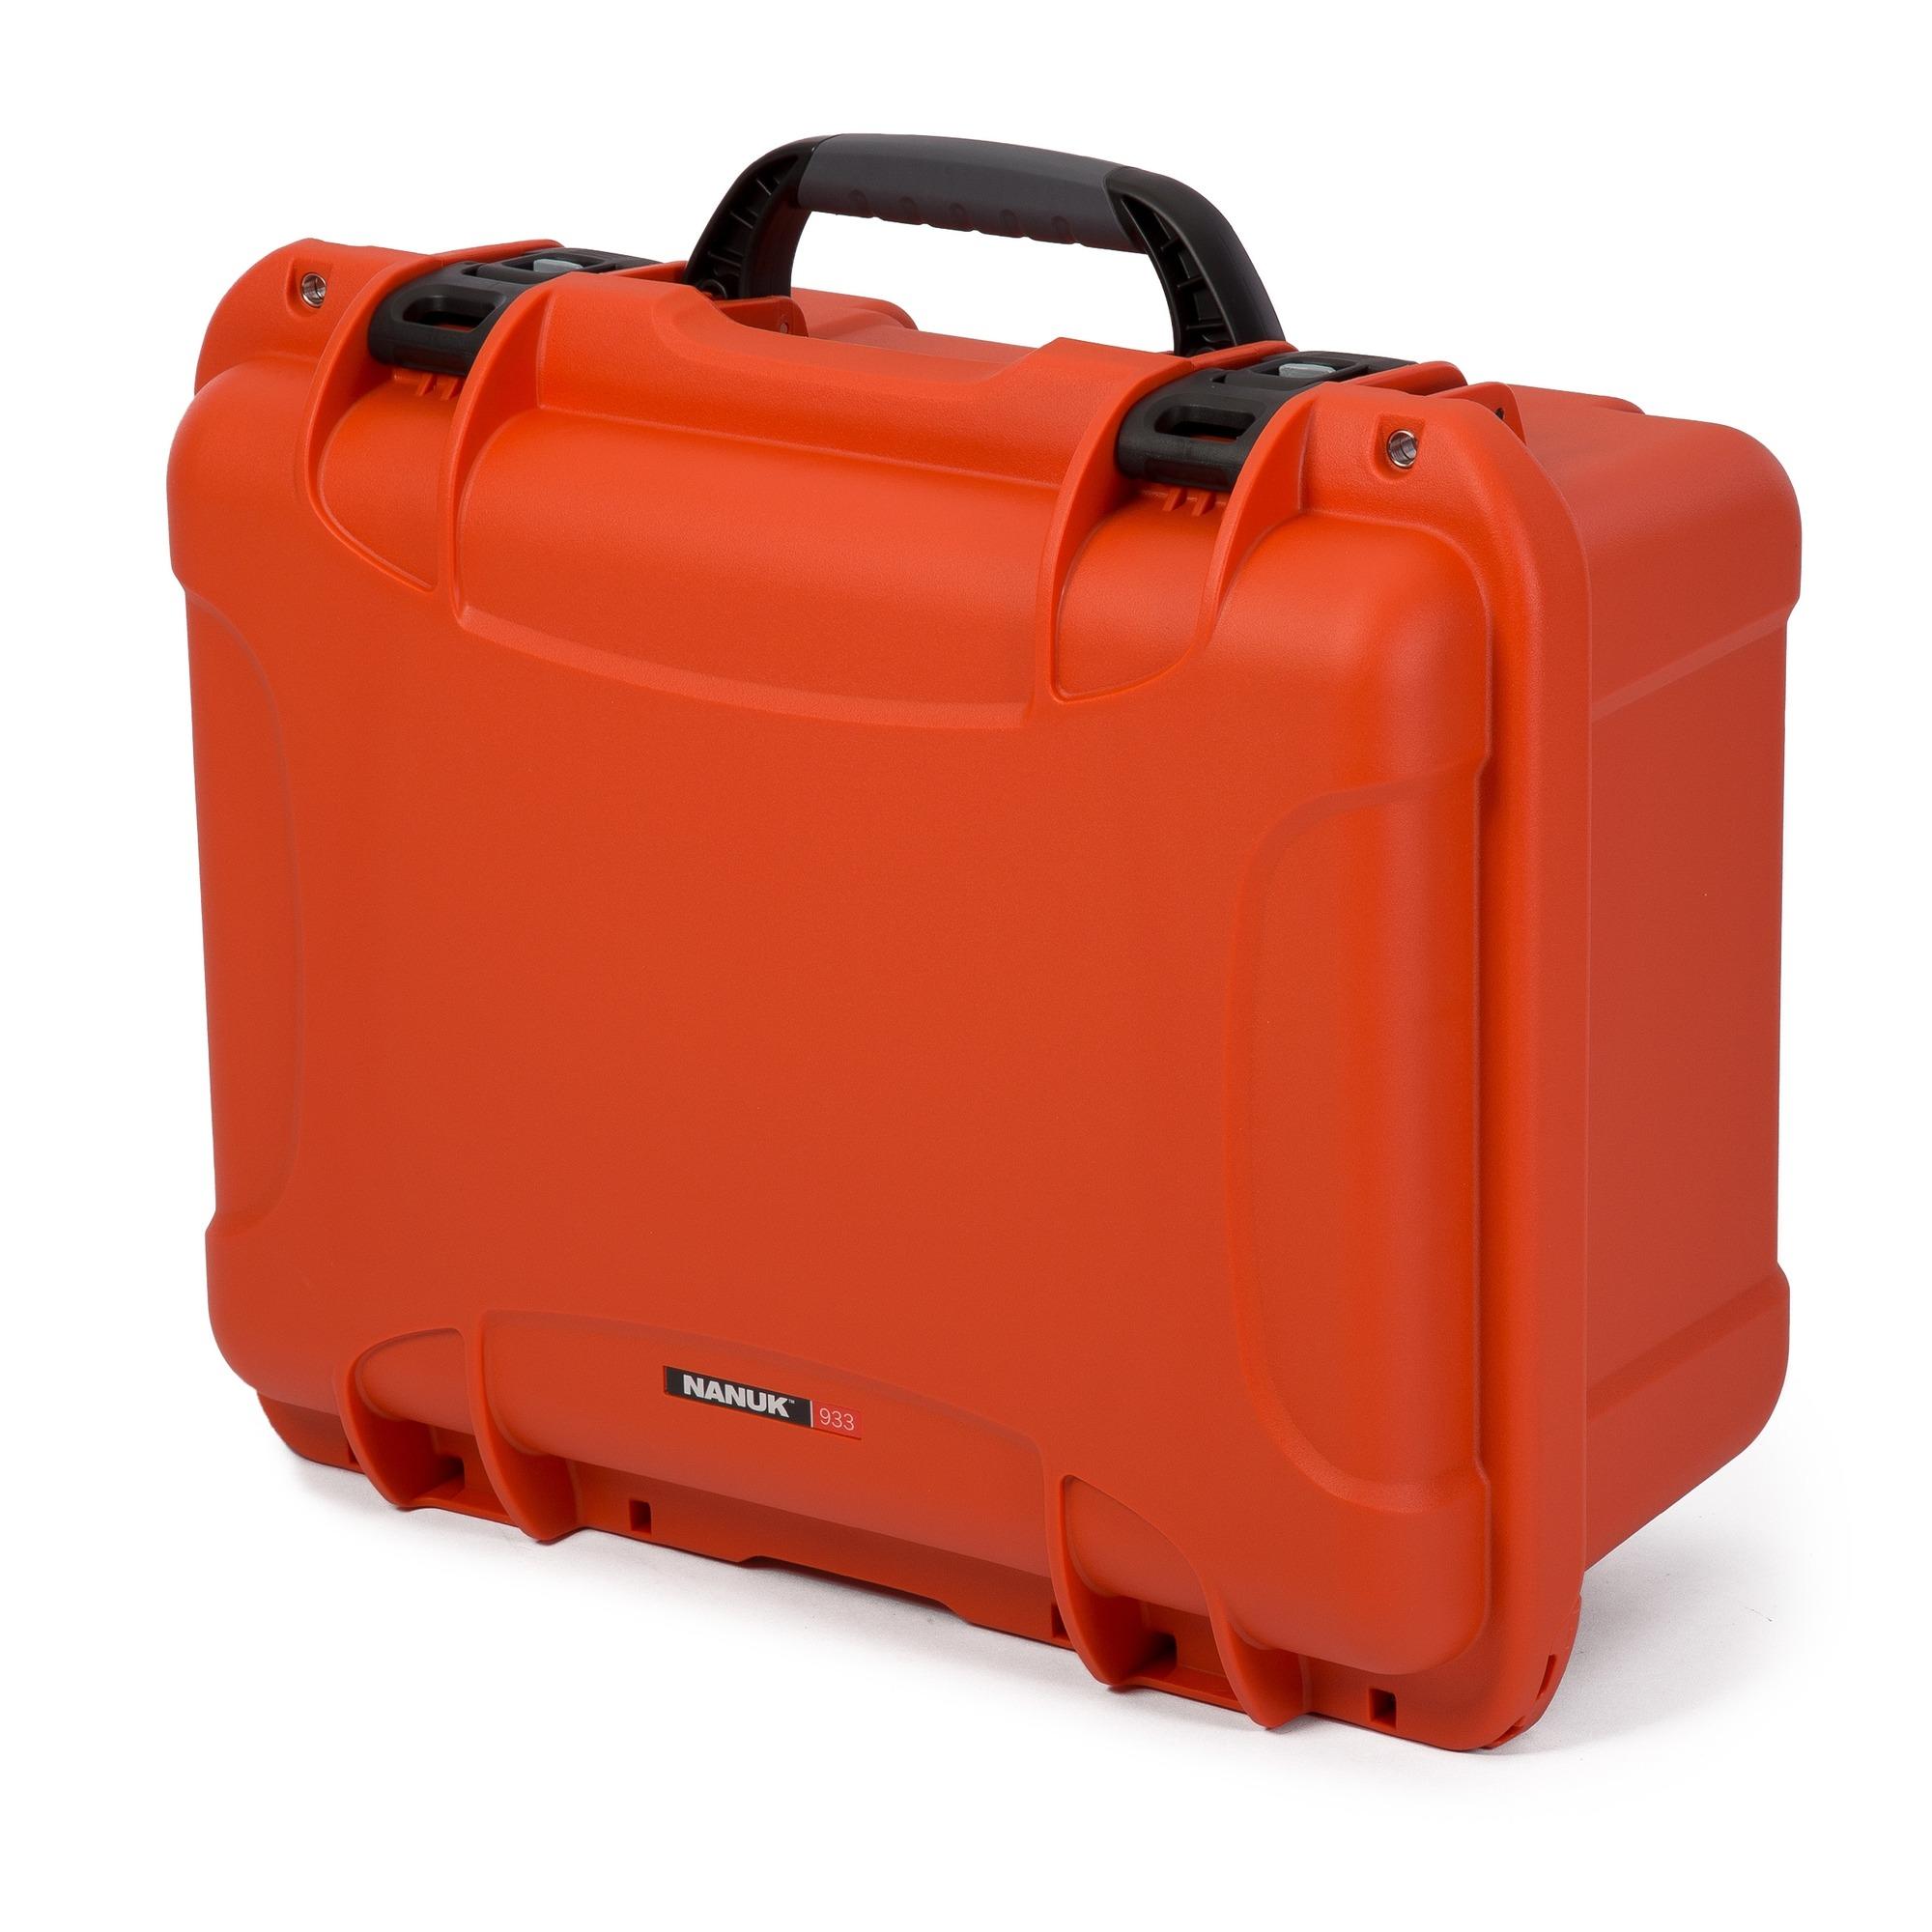 Nanuk 933 – Orange